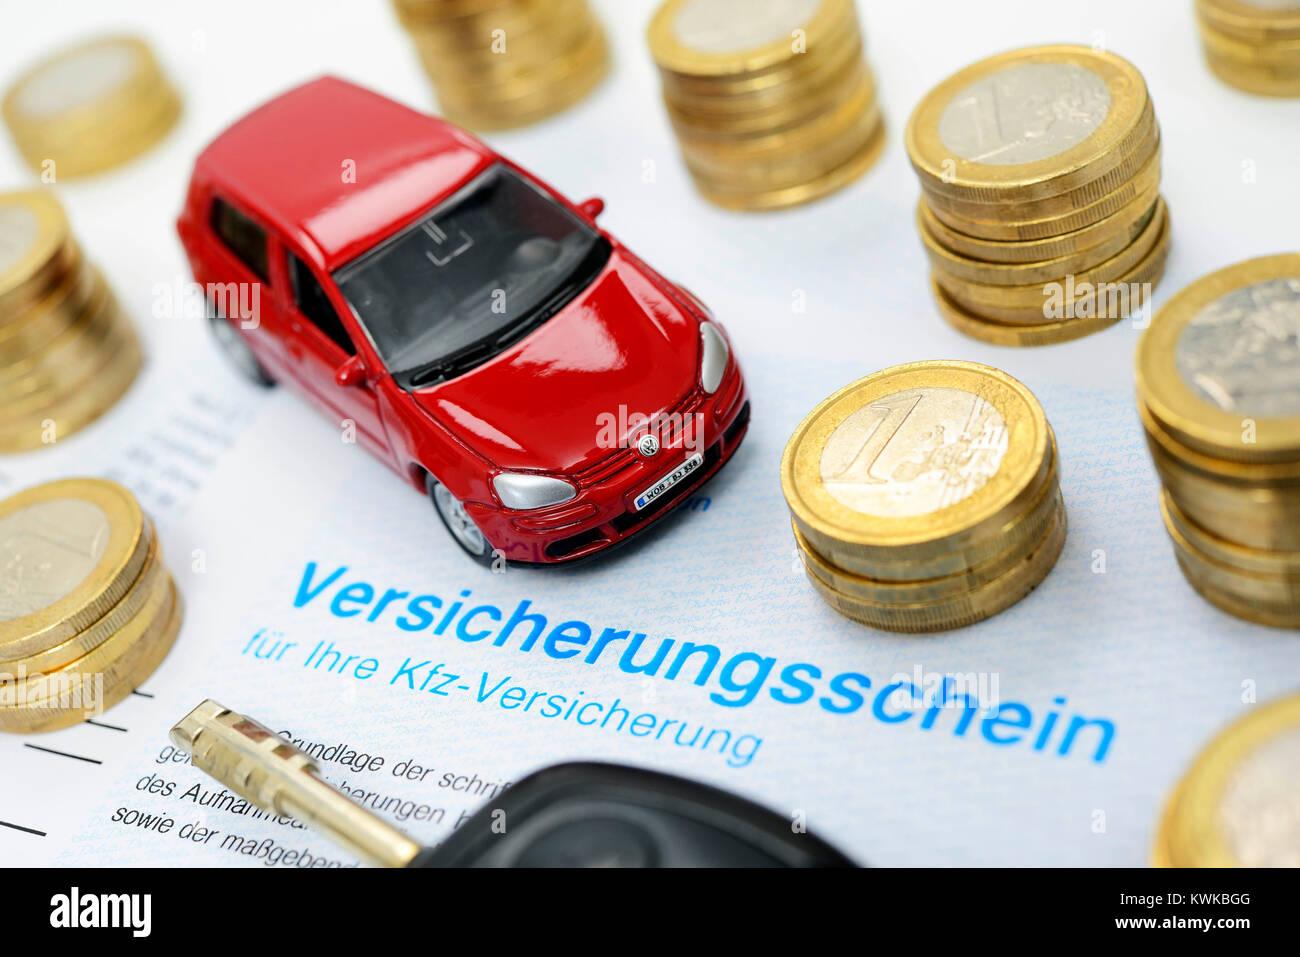 Miniature car and insurance policy, vehicle assurance, Miniaturauto und Versicherungsschein, Kfz-Versicherung - Stock Image